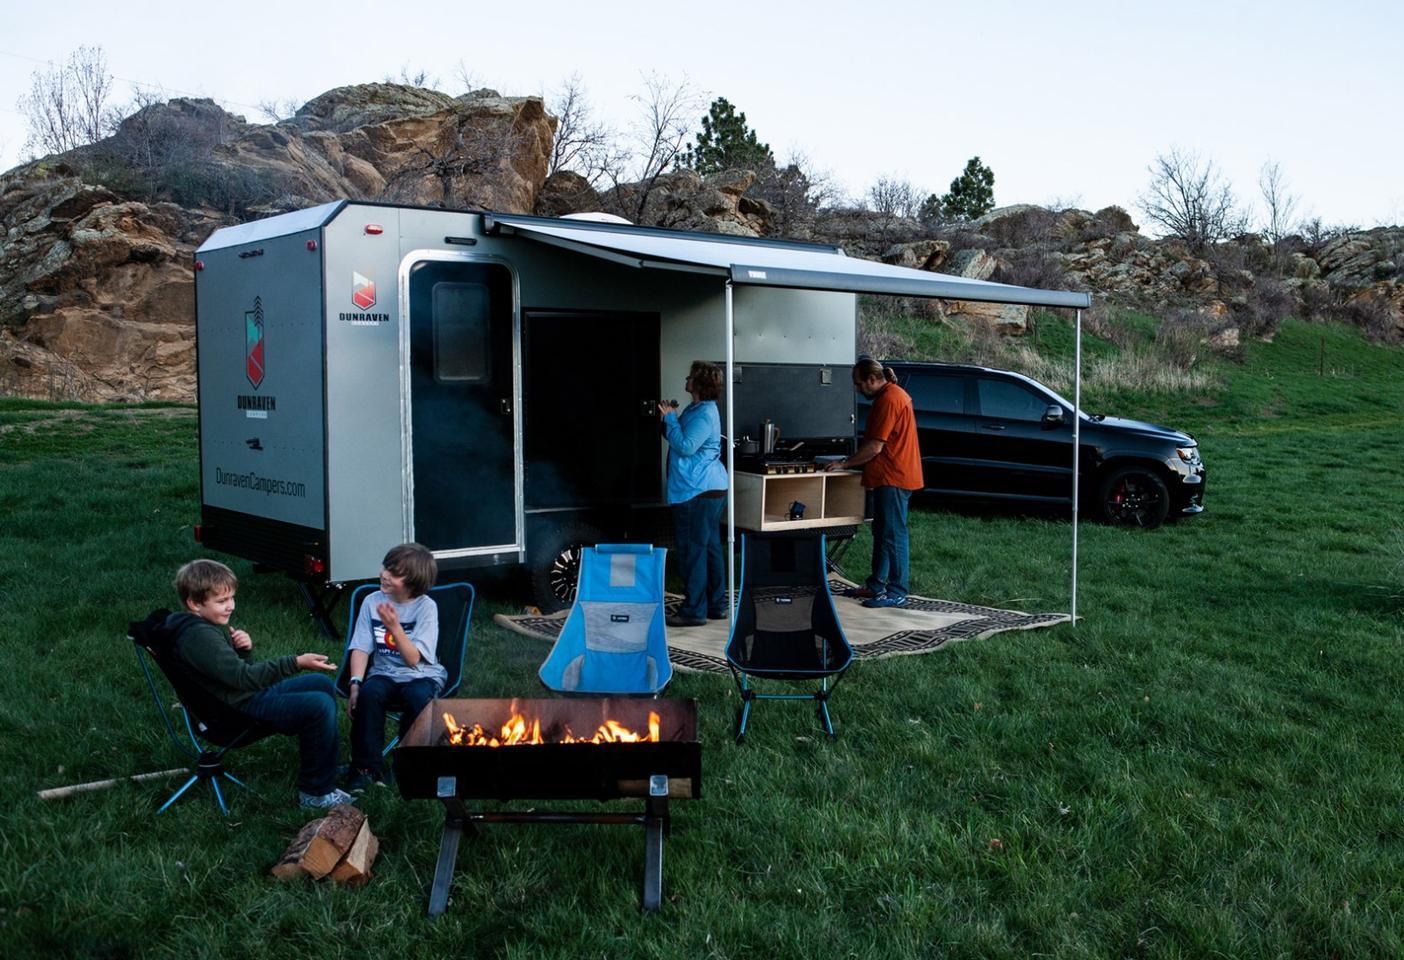 Dunraven은 온 가족을위한 간단하고 컴팩트 한 캠핑 트레일러를 제공합니다.